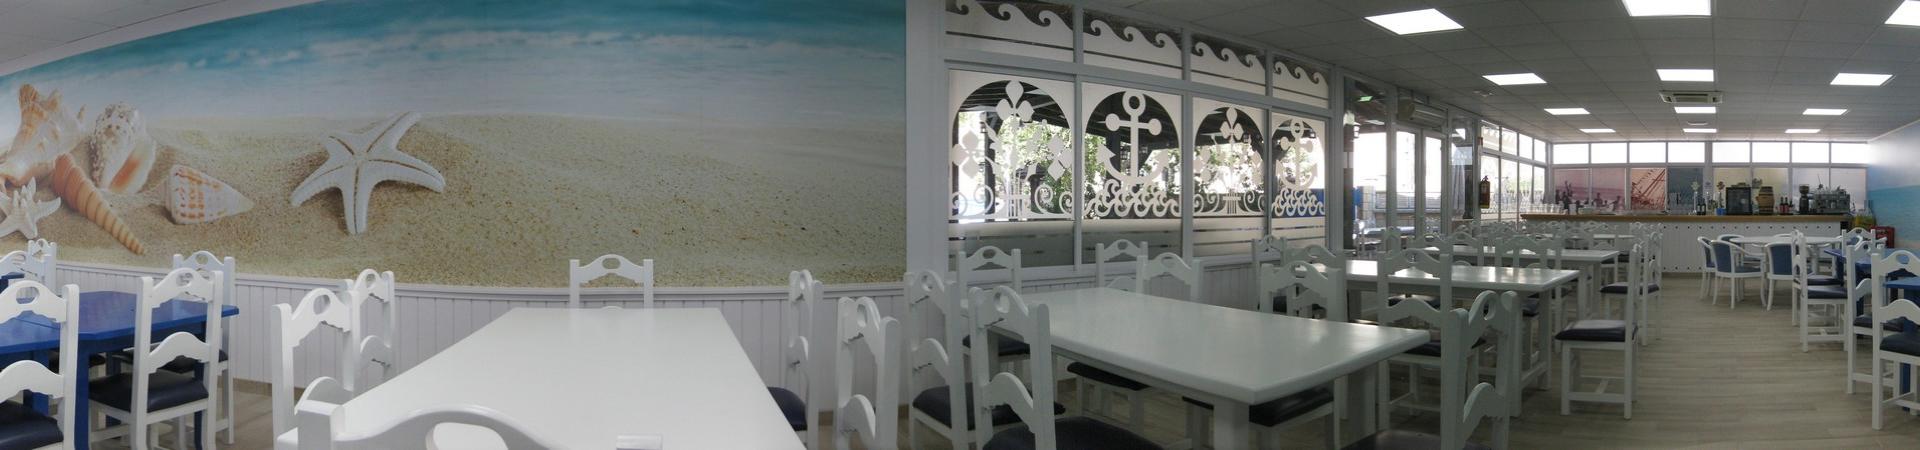 restaurante en almuñecar, marisquerias en motril, marisquerias motril, marisquerias en salobreña,